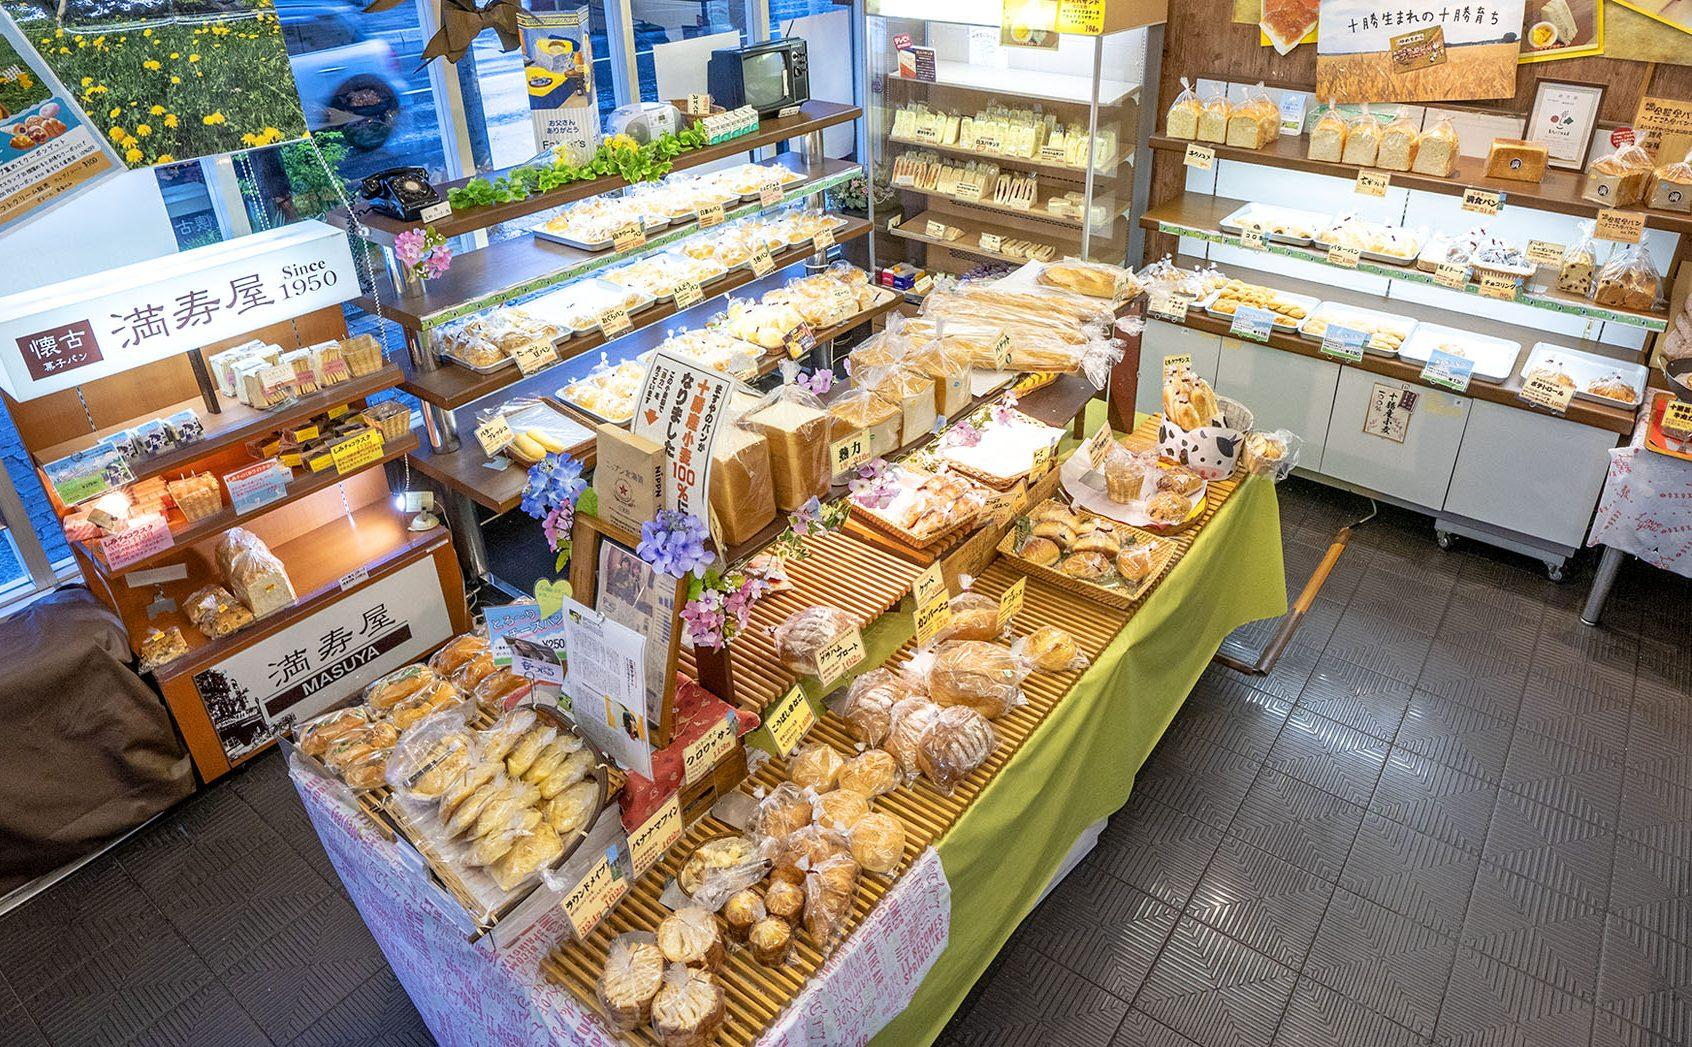 十勝のパン屋といえばやっぱり「満寿屋」 。誰もが知ってて、誰もが大好きな老舗店